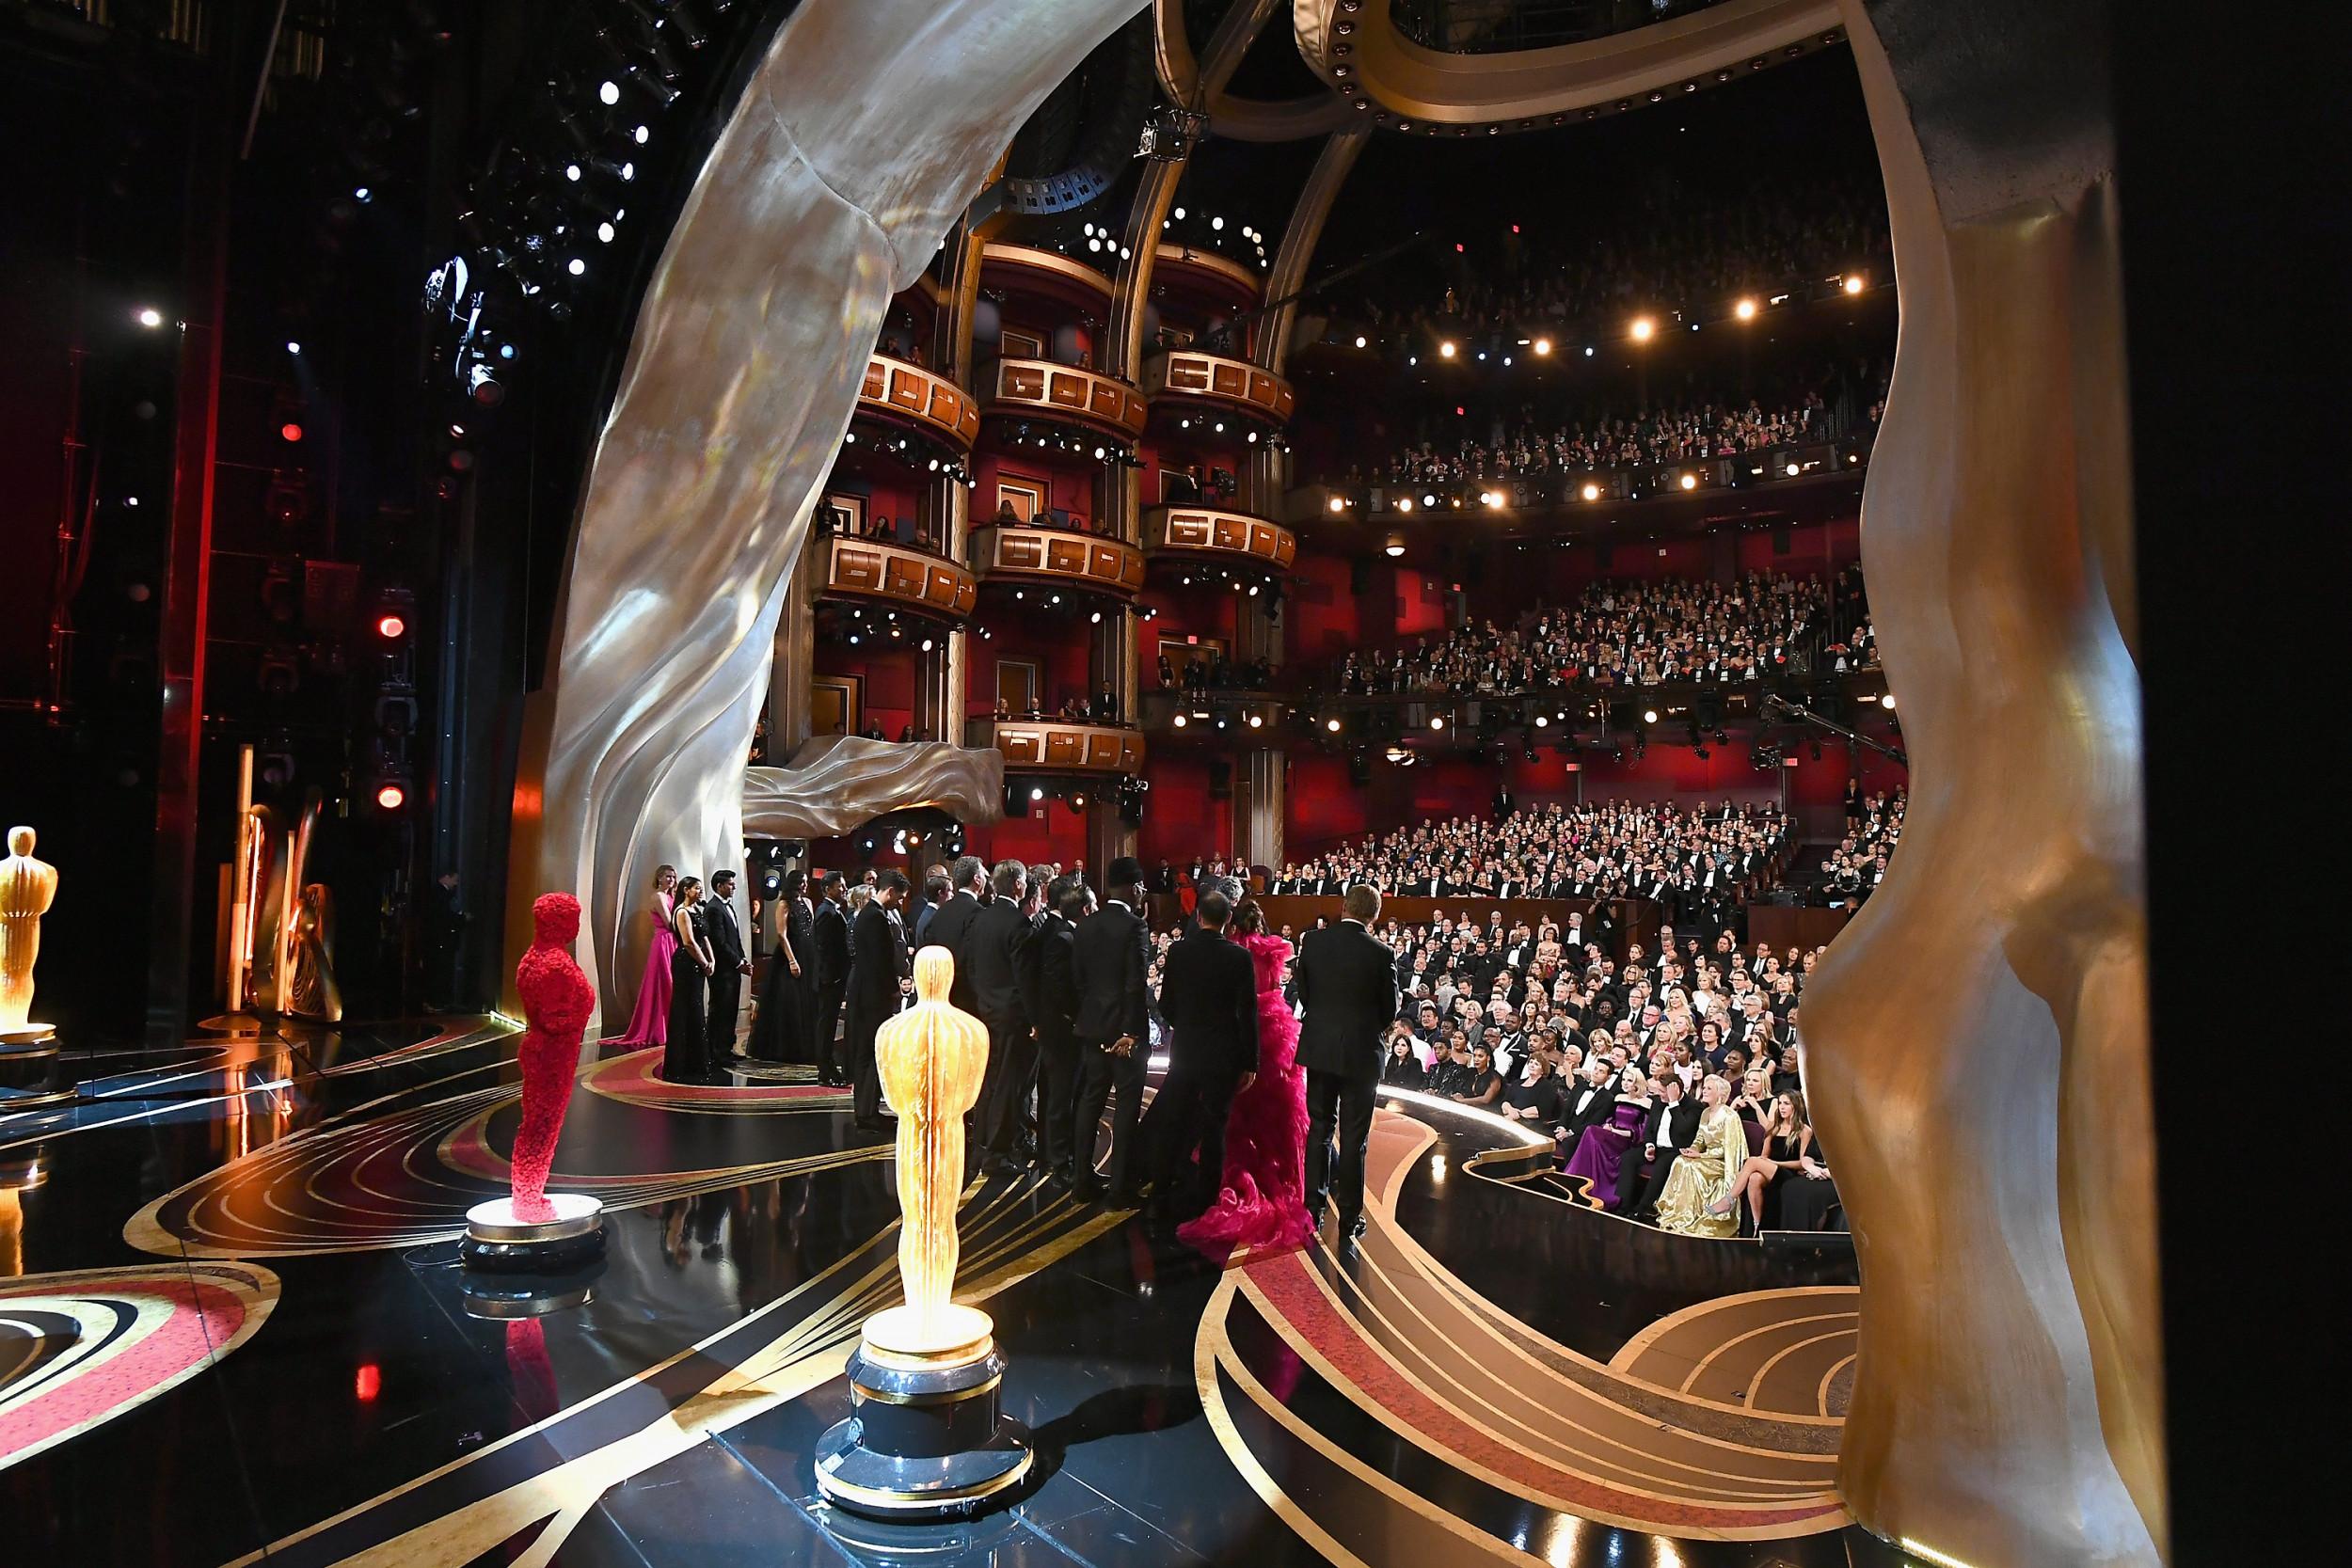 92 дахь удаагийн Оскарын наадмын талаар мэдэх ёстой зүйлс